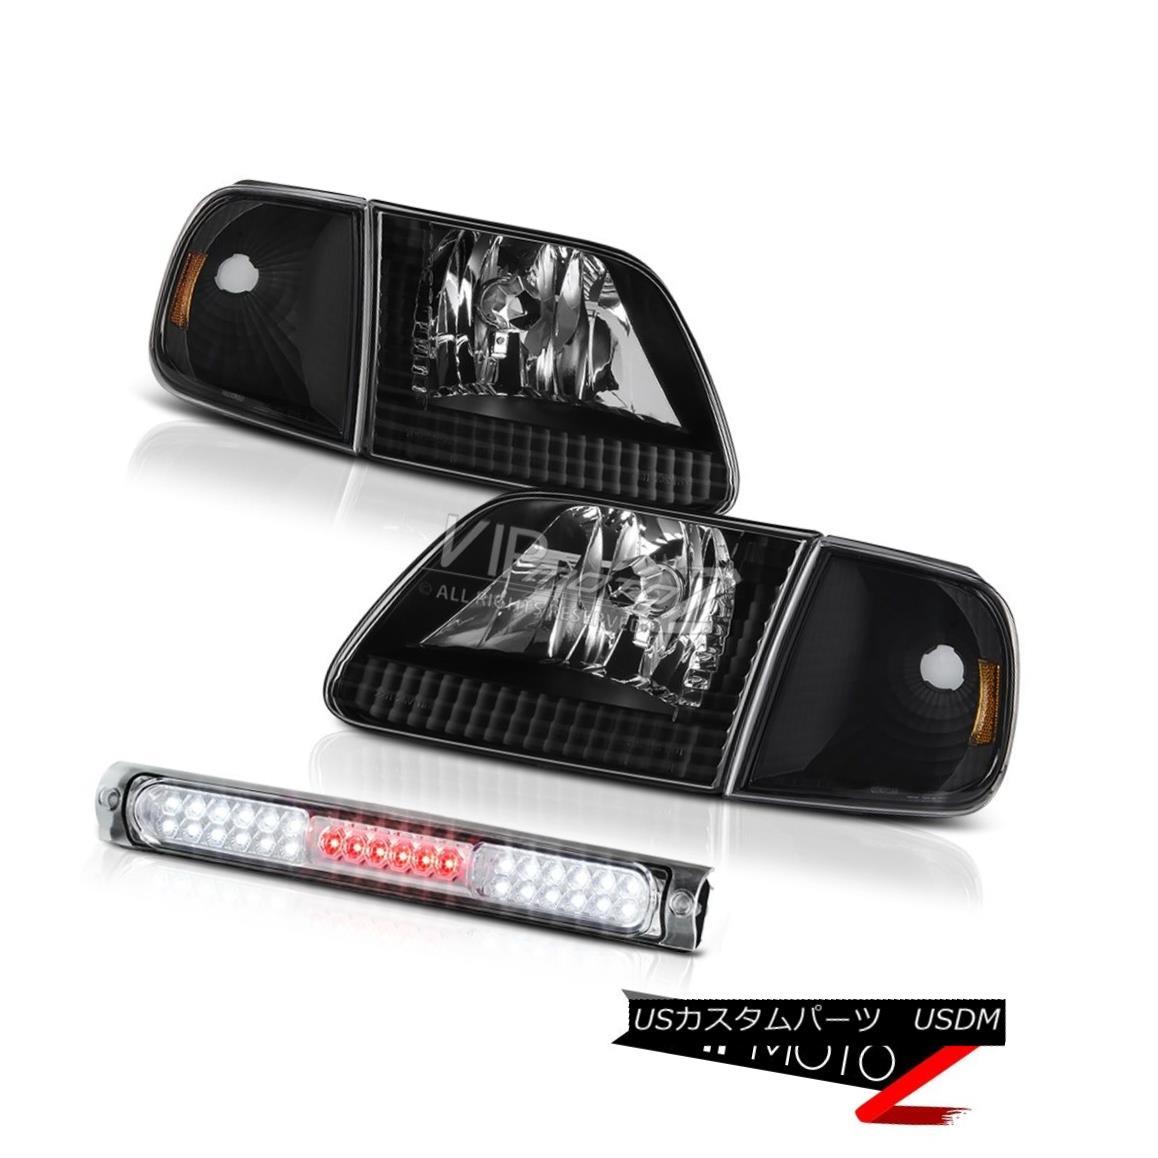 ヘッドライト Jet Black Headlights Corner High Brake Cargo LED 1997-2003 F150 Flareside 4.6L ジェットブラックヘッドライトコーナーハイブレーキカーゴLED 1997-2003 F150フラレイド4.6L